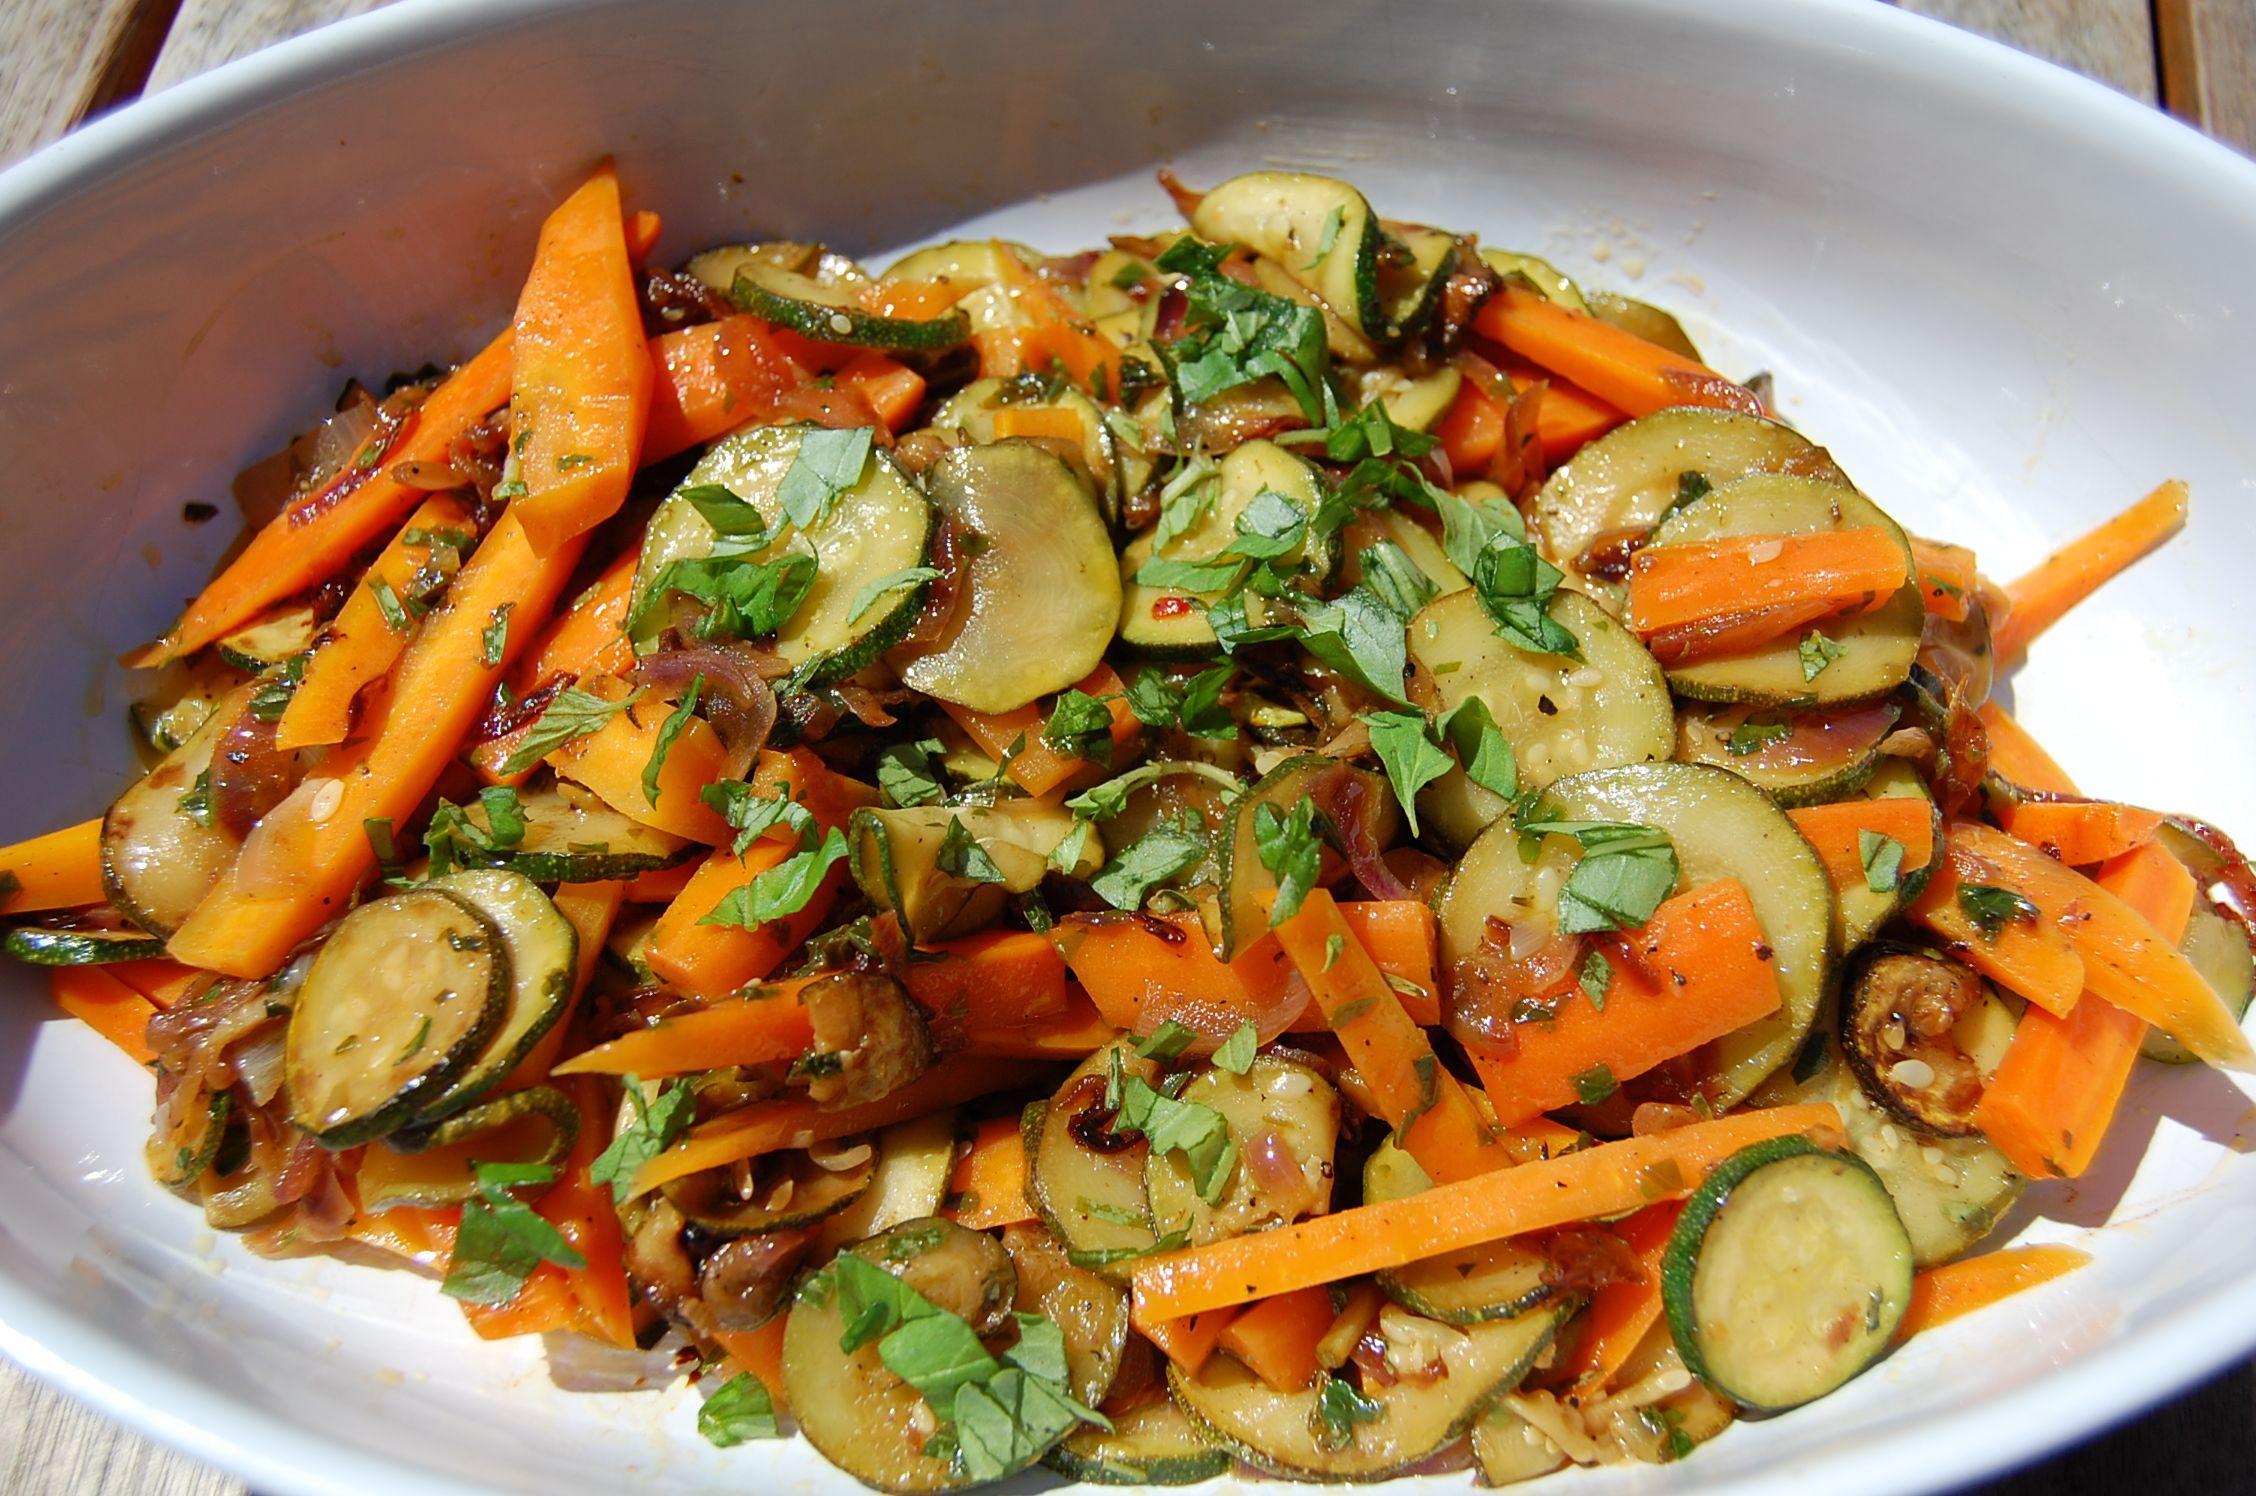 Weber Outdoor Küche Rezepte : Leichte mediterrane küche rezepte outdoor küche für weber grill